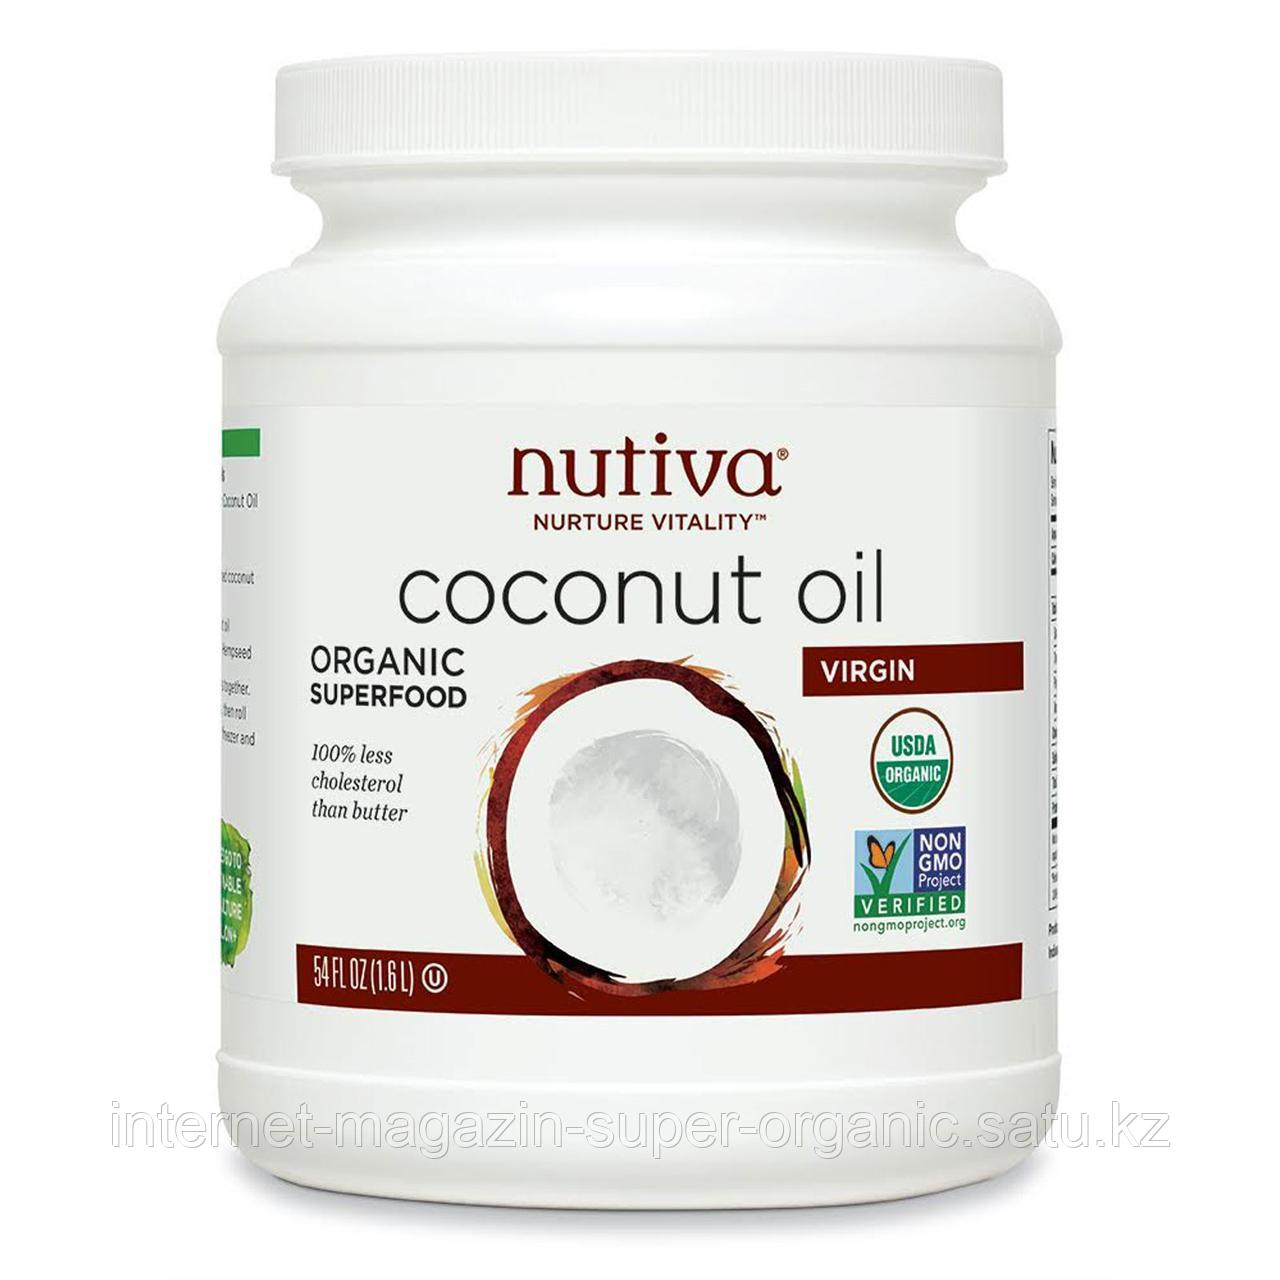 Органическое кокосовое масло первого отжима нерафинированное, 1,6 л, Nutiva